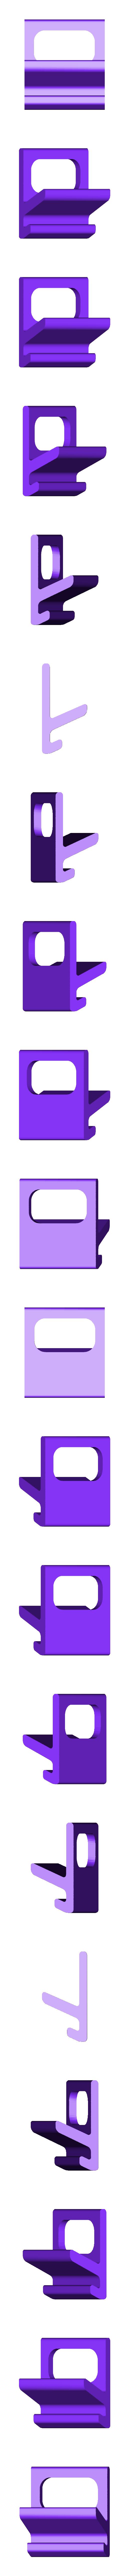 iphonestand2.stl Télécharger fichier STL gratuit supports iphone • Modèle à imprimer en 3D, Tramgonce